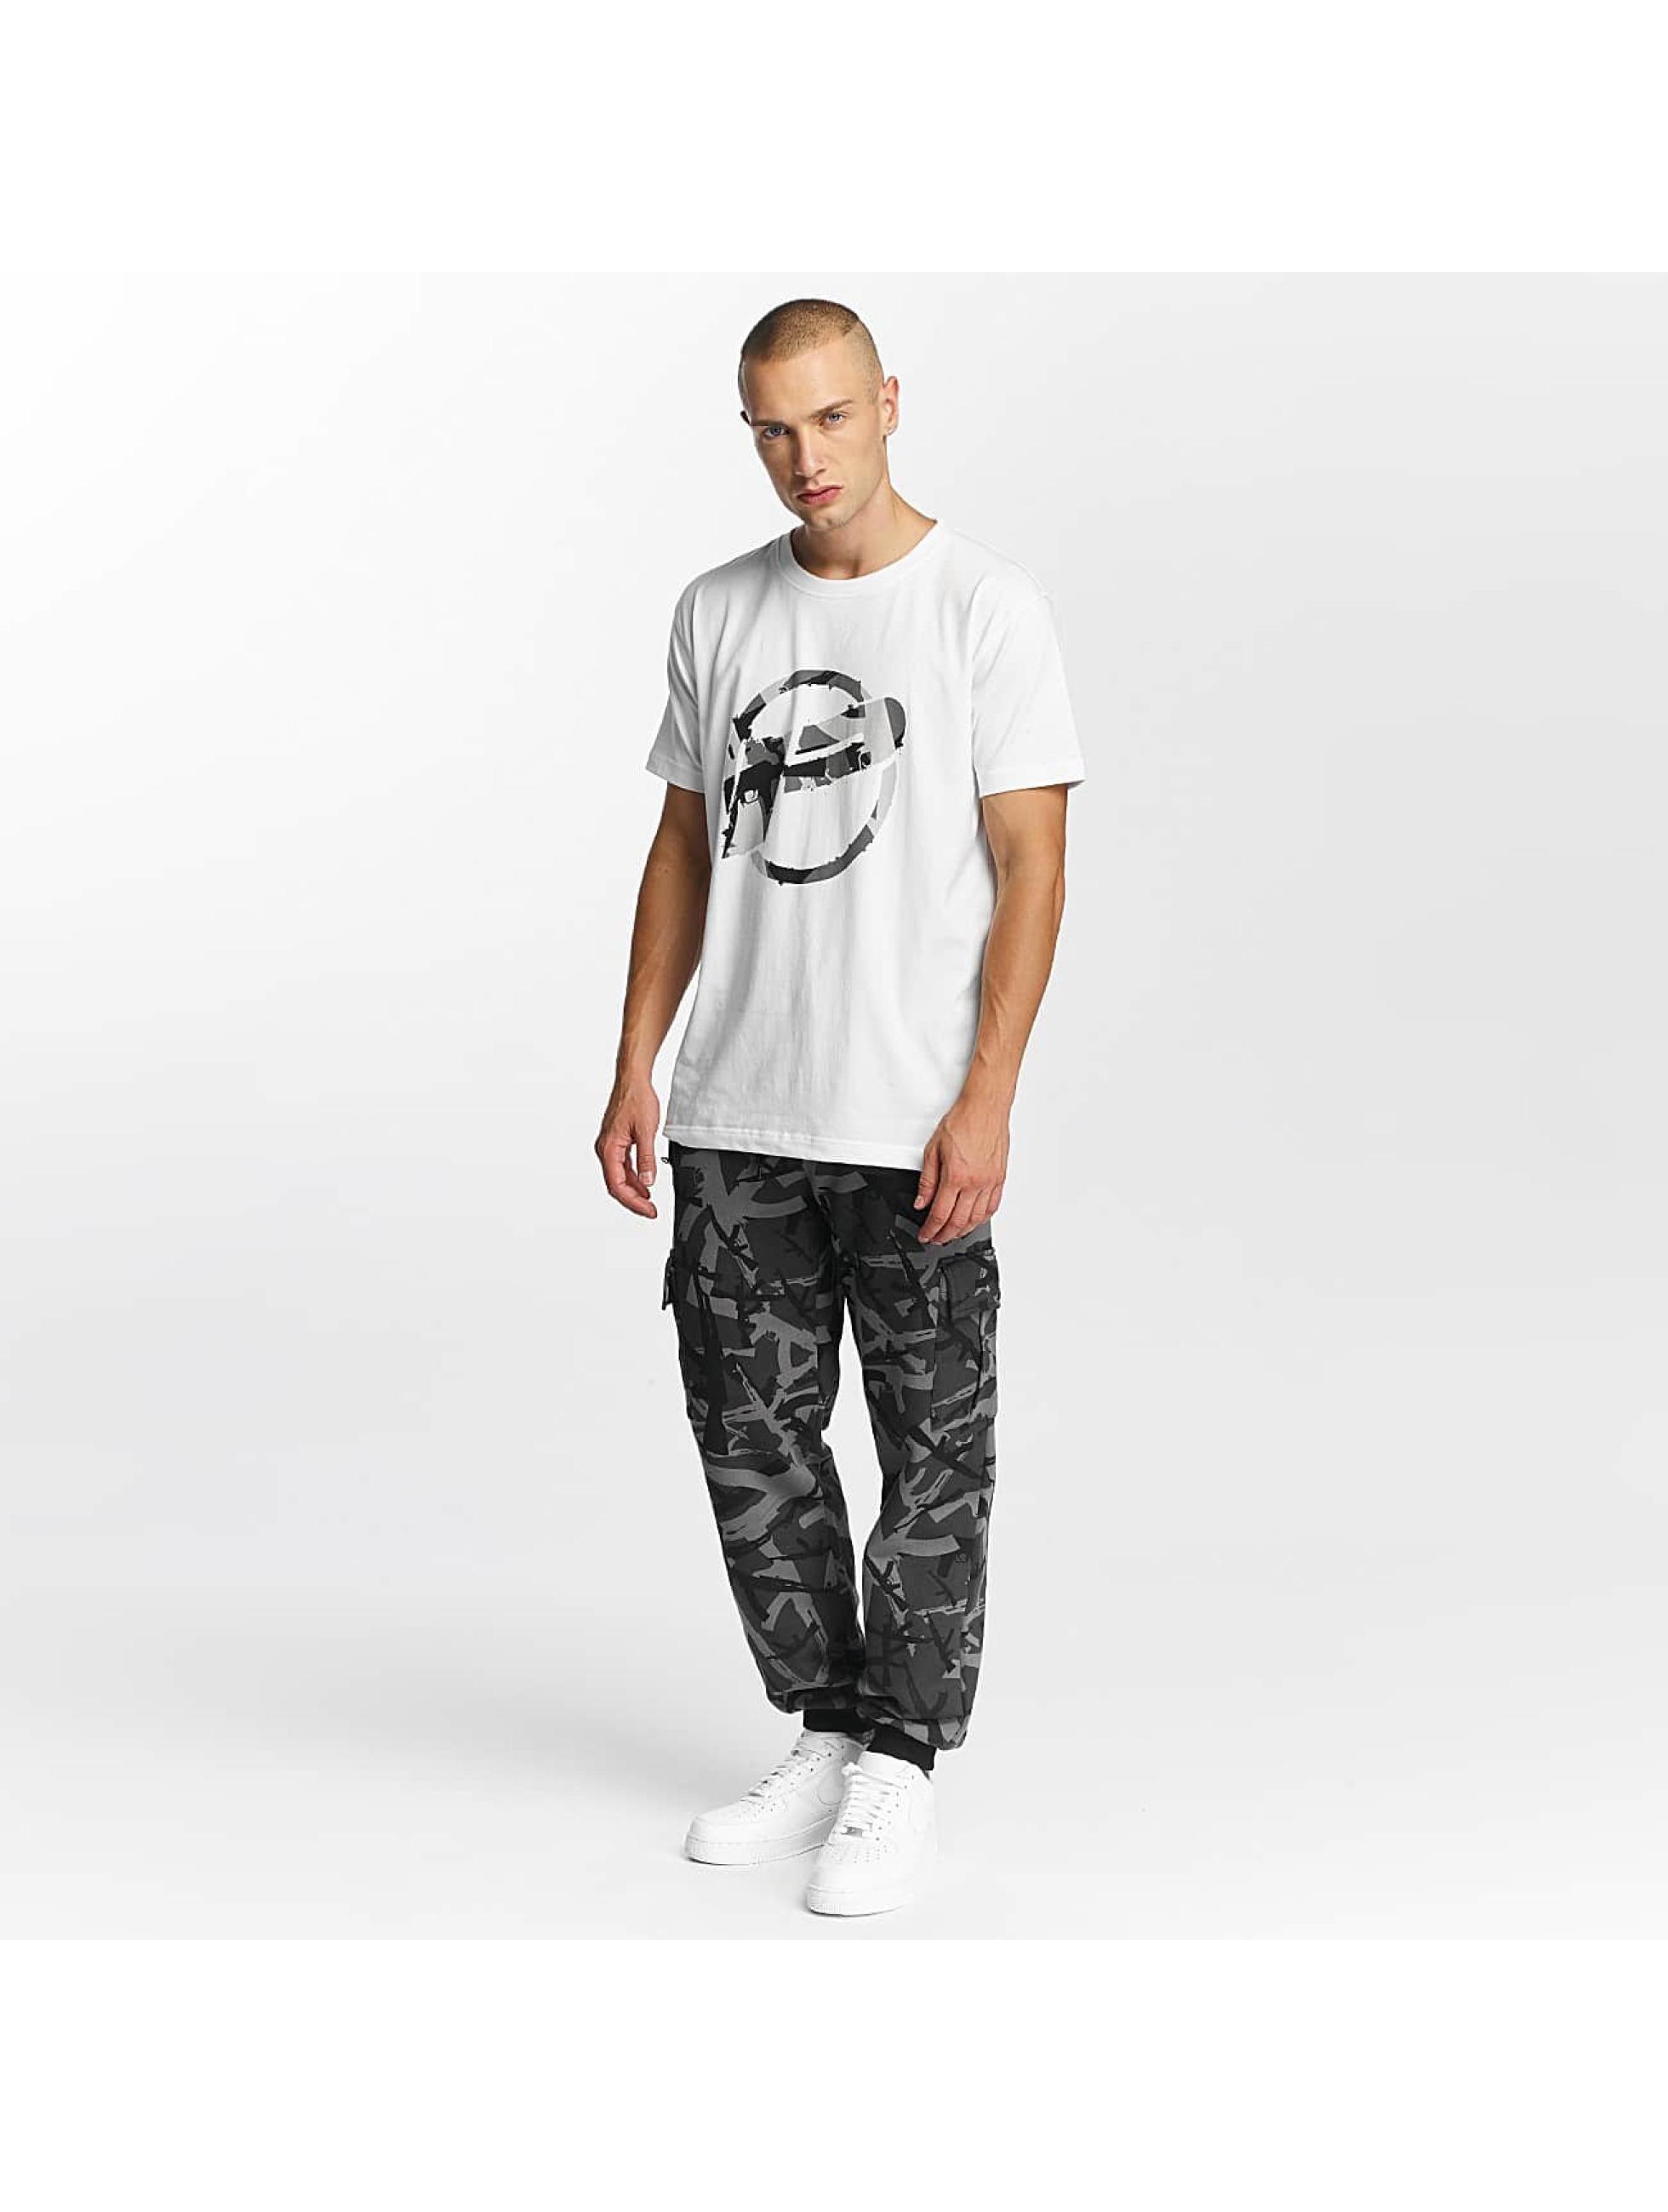 Pusher Apparel Спортивные брюки AK Camo камуфляж